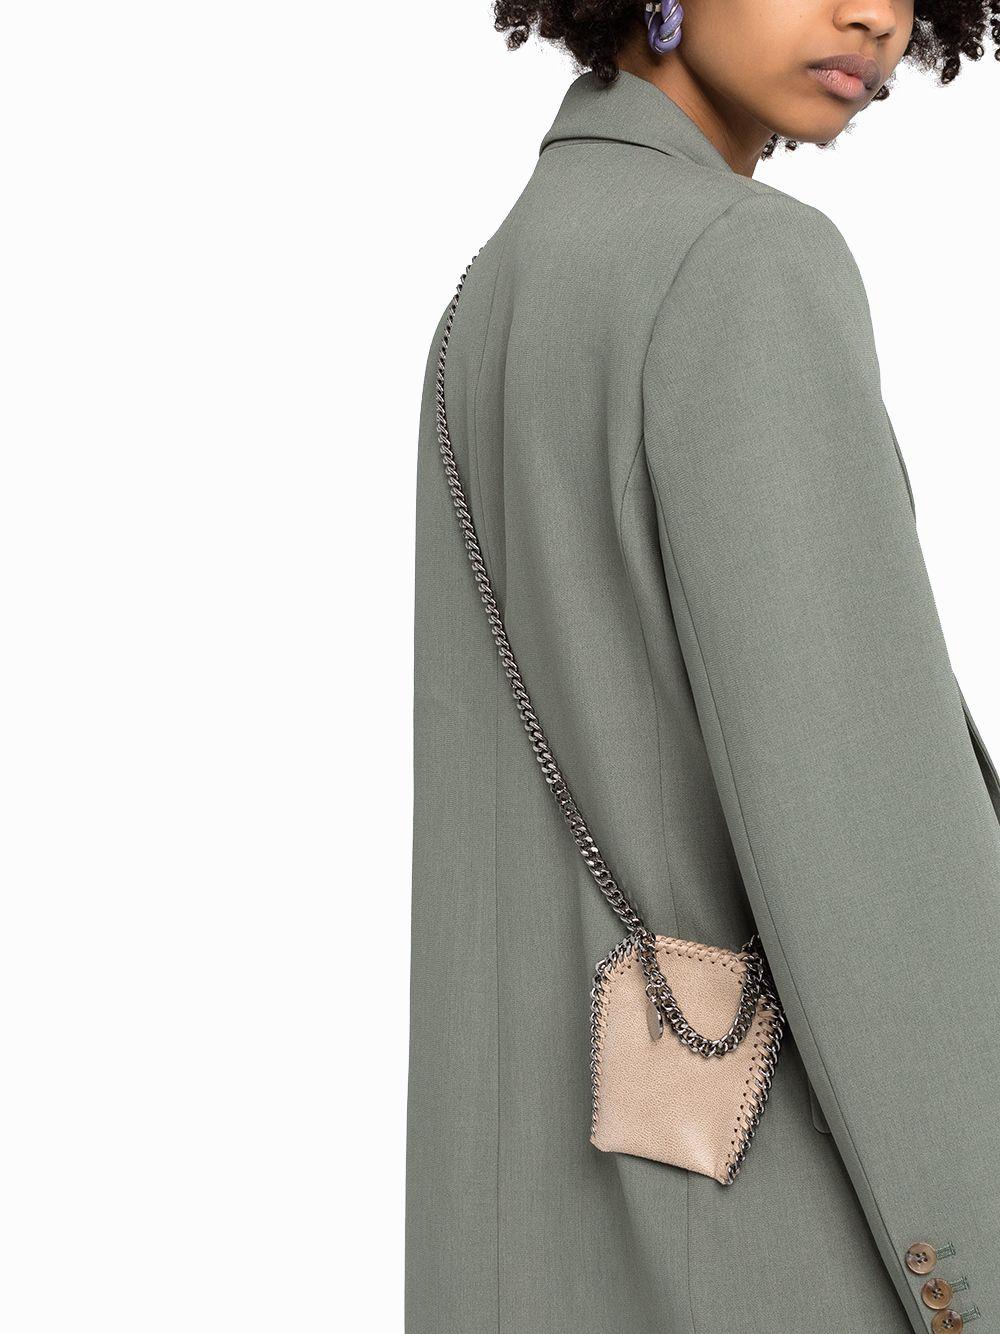 STELLA MCCARTNEY Shoulder bags STELLA MCCARTNEY WOMEN'S BEIGE POLYESTER SHOULDER BAG